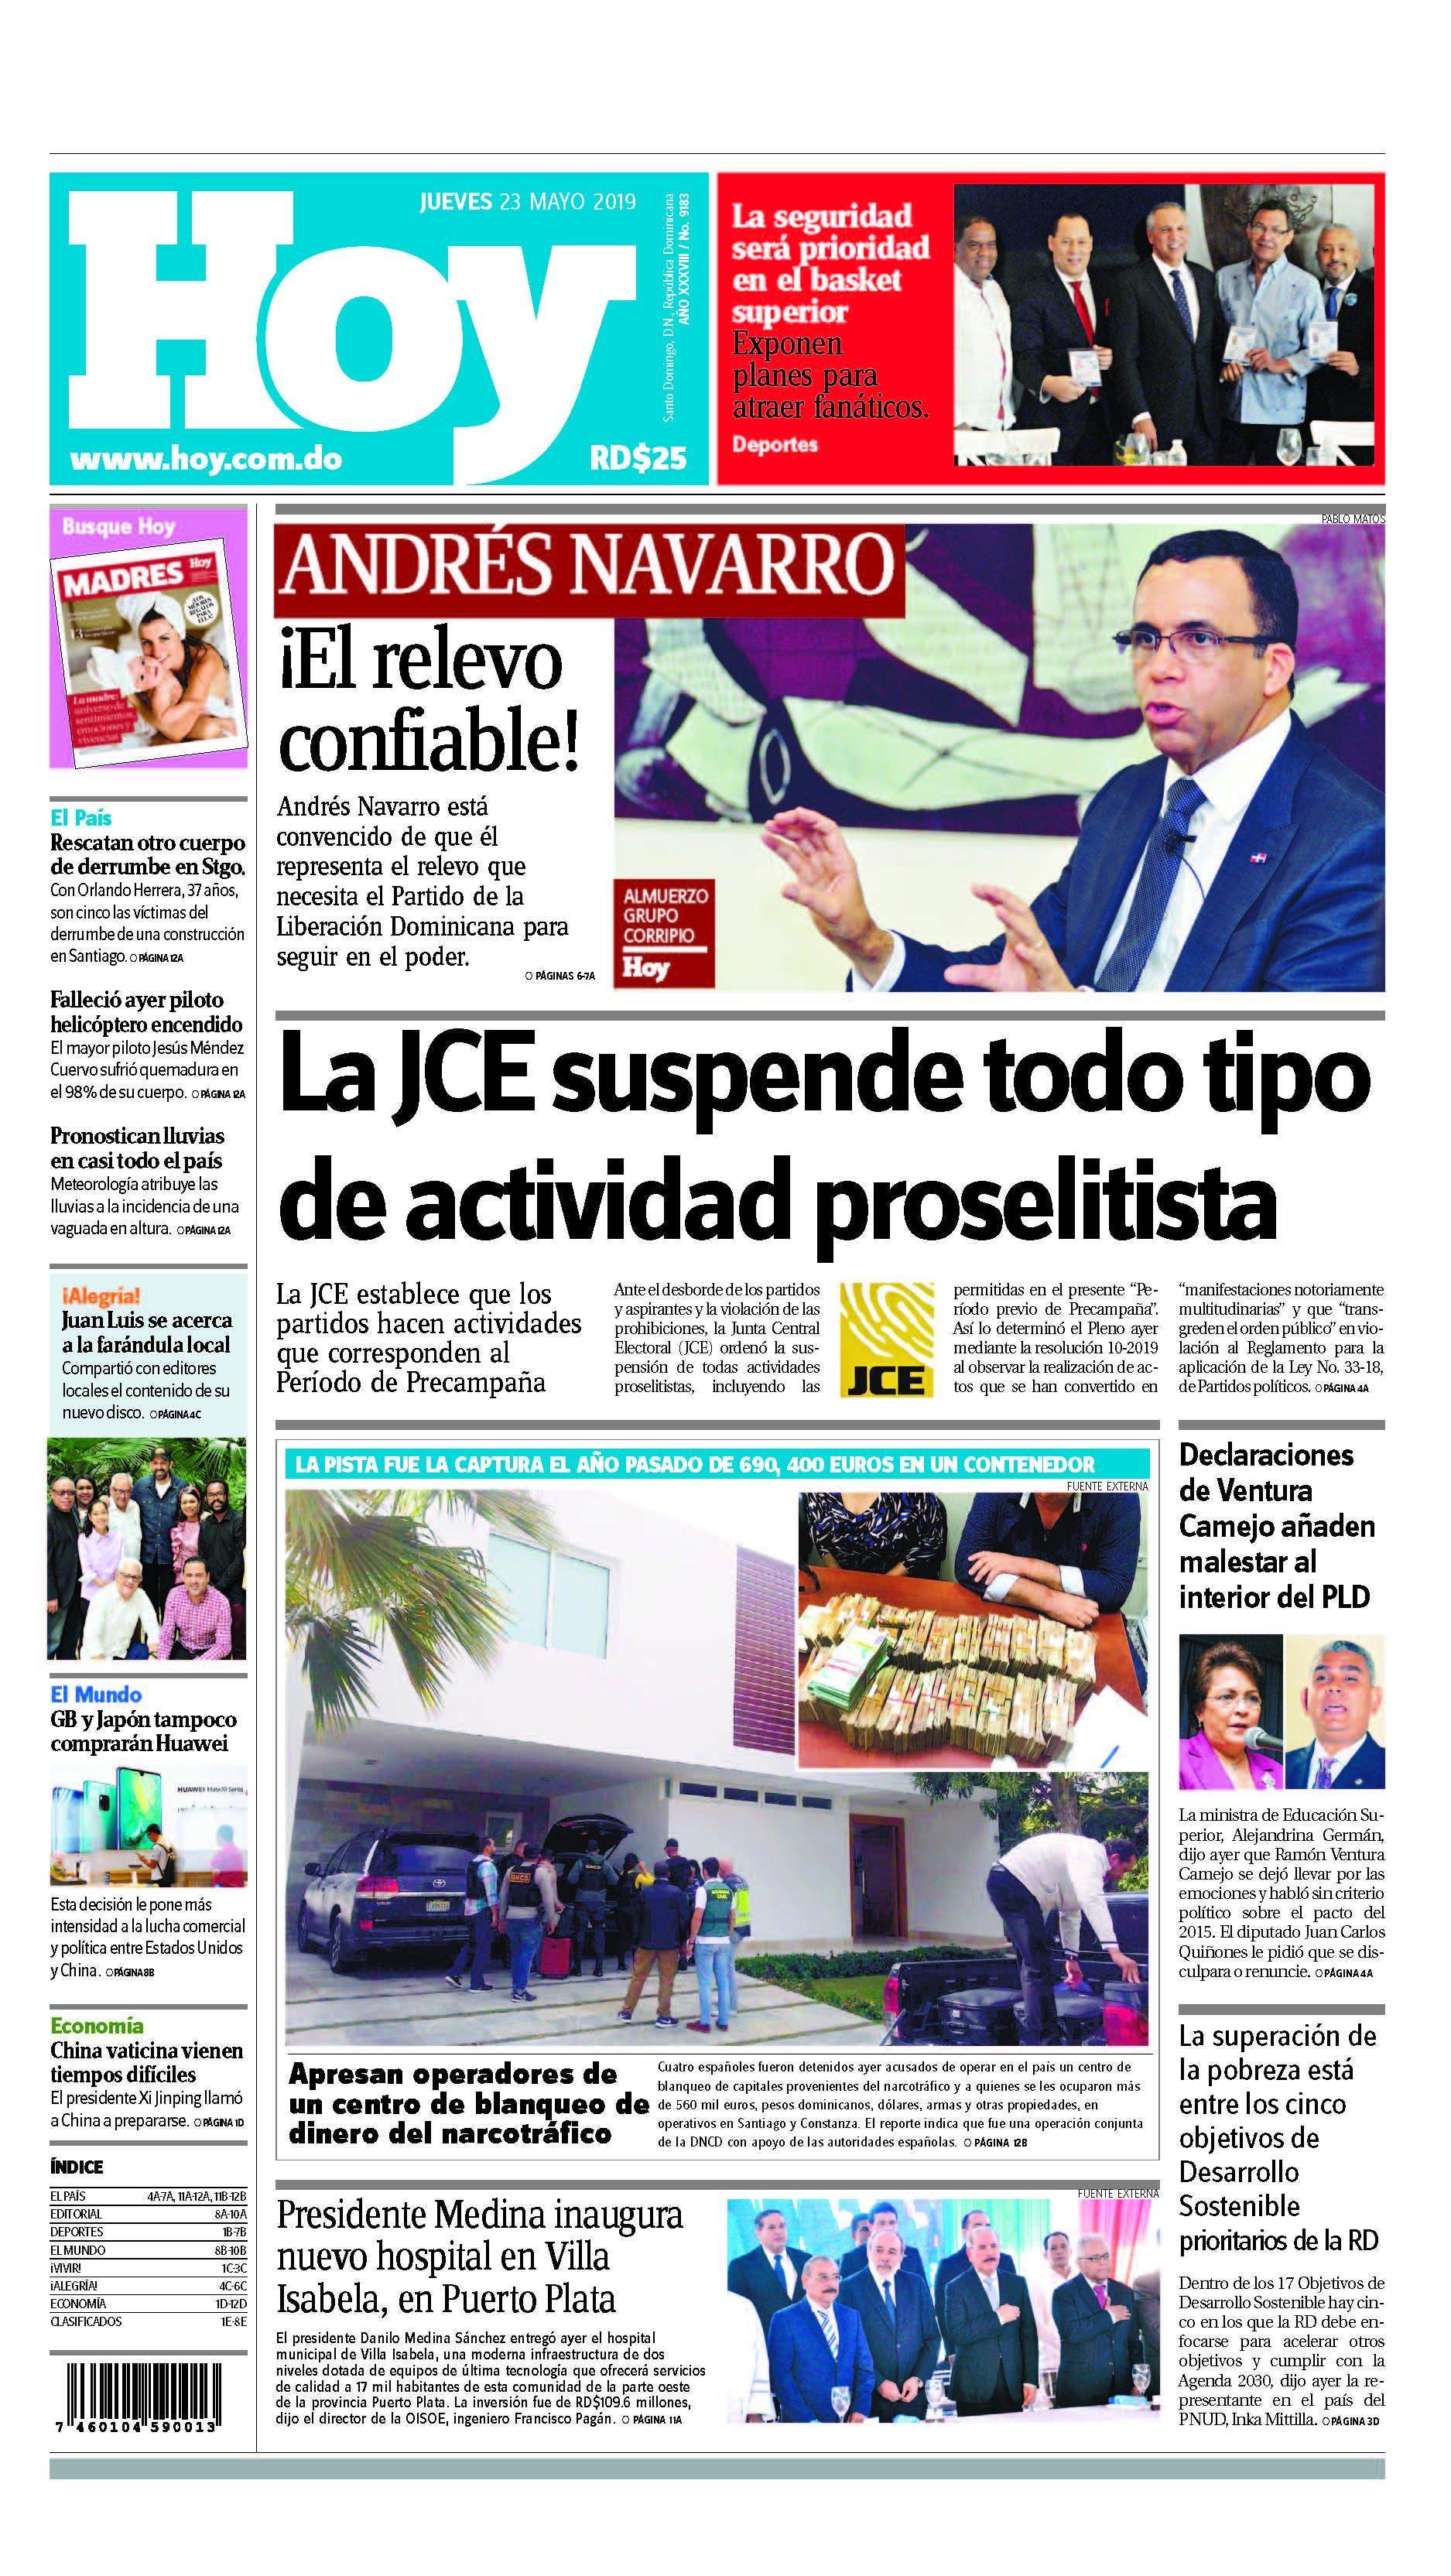 Edición impresa HOY jueves 23 de mayo del 2019